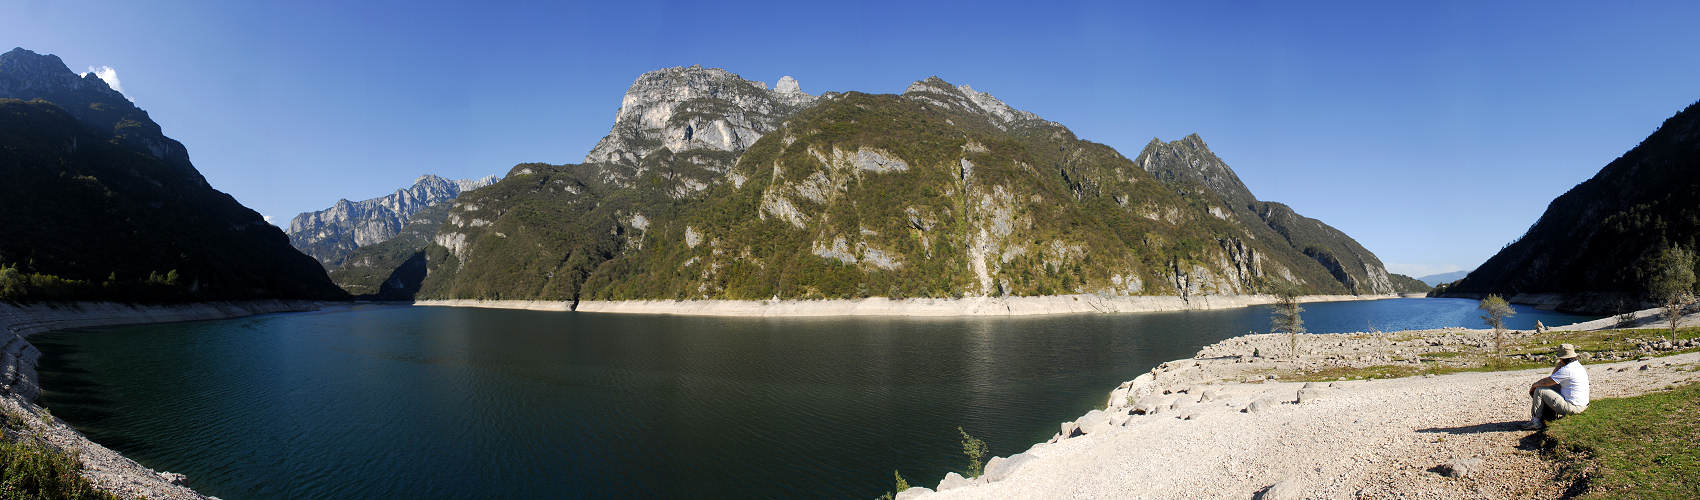 lago del Mis nella Valle del Mis, Parco Nazionale Dolomiti Bellunesi